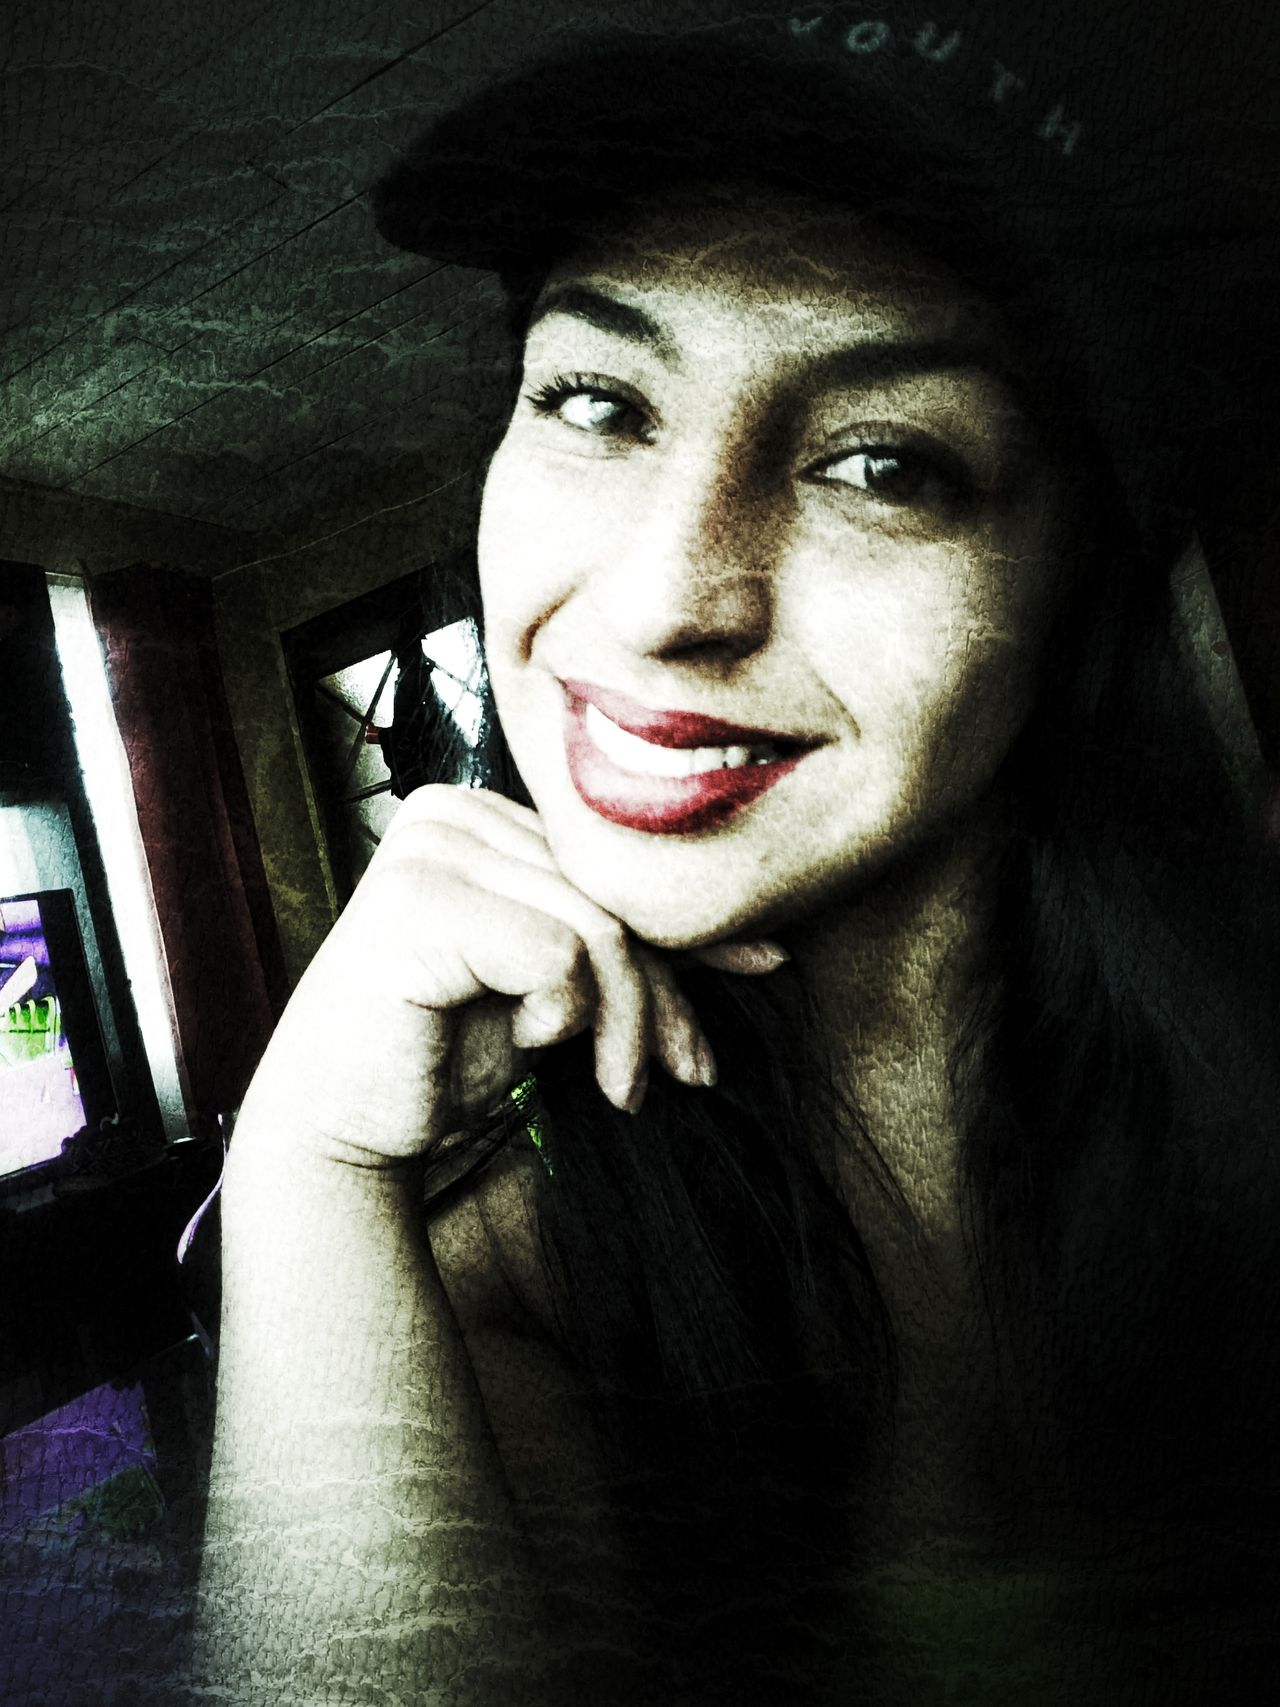 Siempre una sonrisa 😊 Beautiful Woman Sonrisa